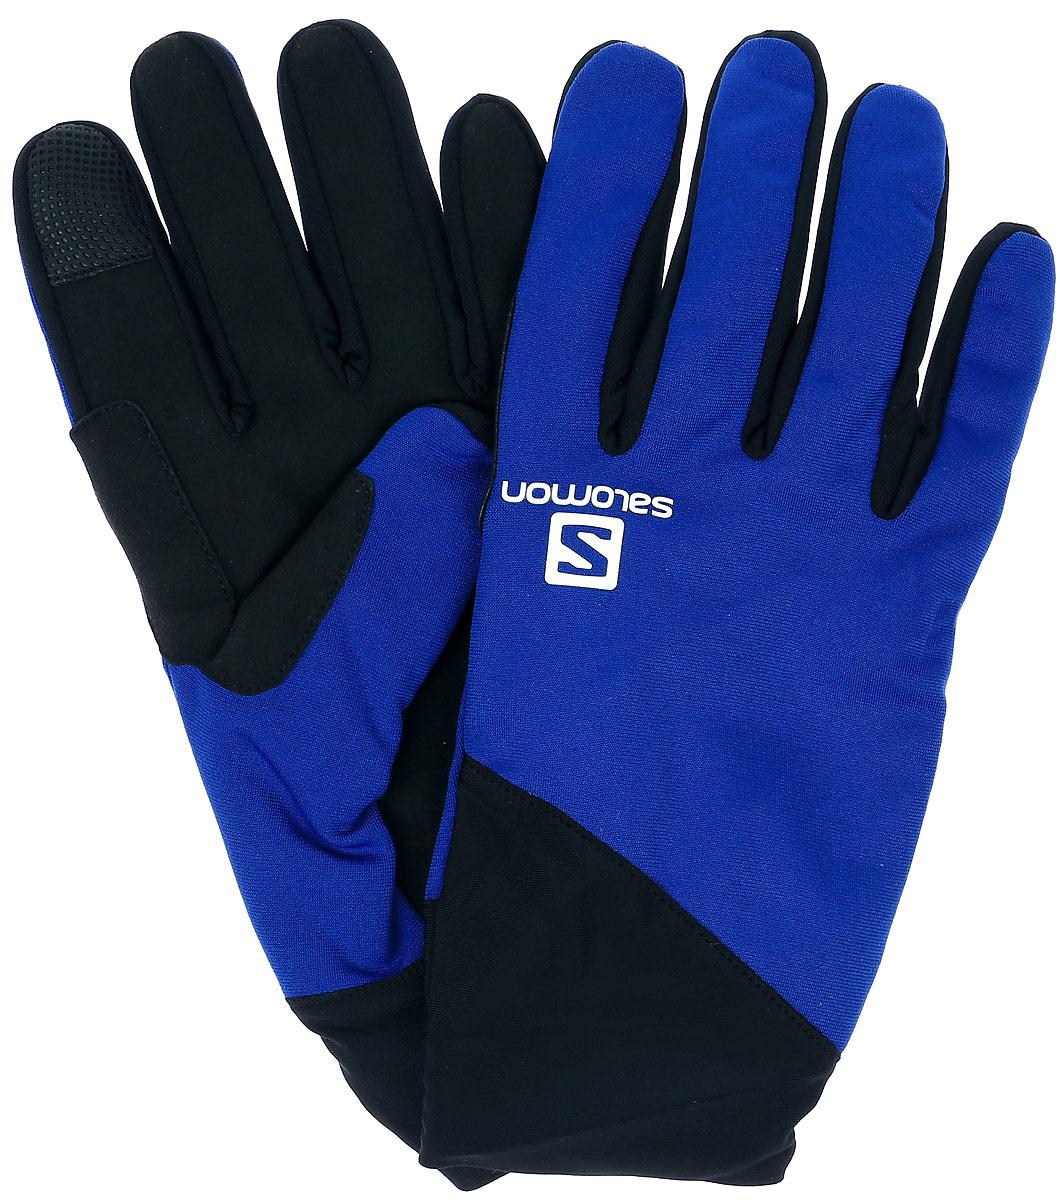 L39011500Перчатки Salomon Discovery Glove M выполнены из полиэстера, эластана и нейлона. Модель оформлена фирменным принтом и прострочкой. Перчатки позволяют пользоваться устройствами Touch Screen. Внутренняя поверхность выполнена из утепленных материалов. Эластичные манжеты надежно зафиксируют запястье, не сдавливая его.